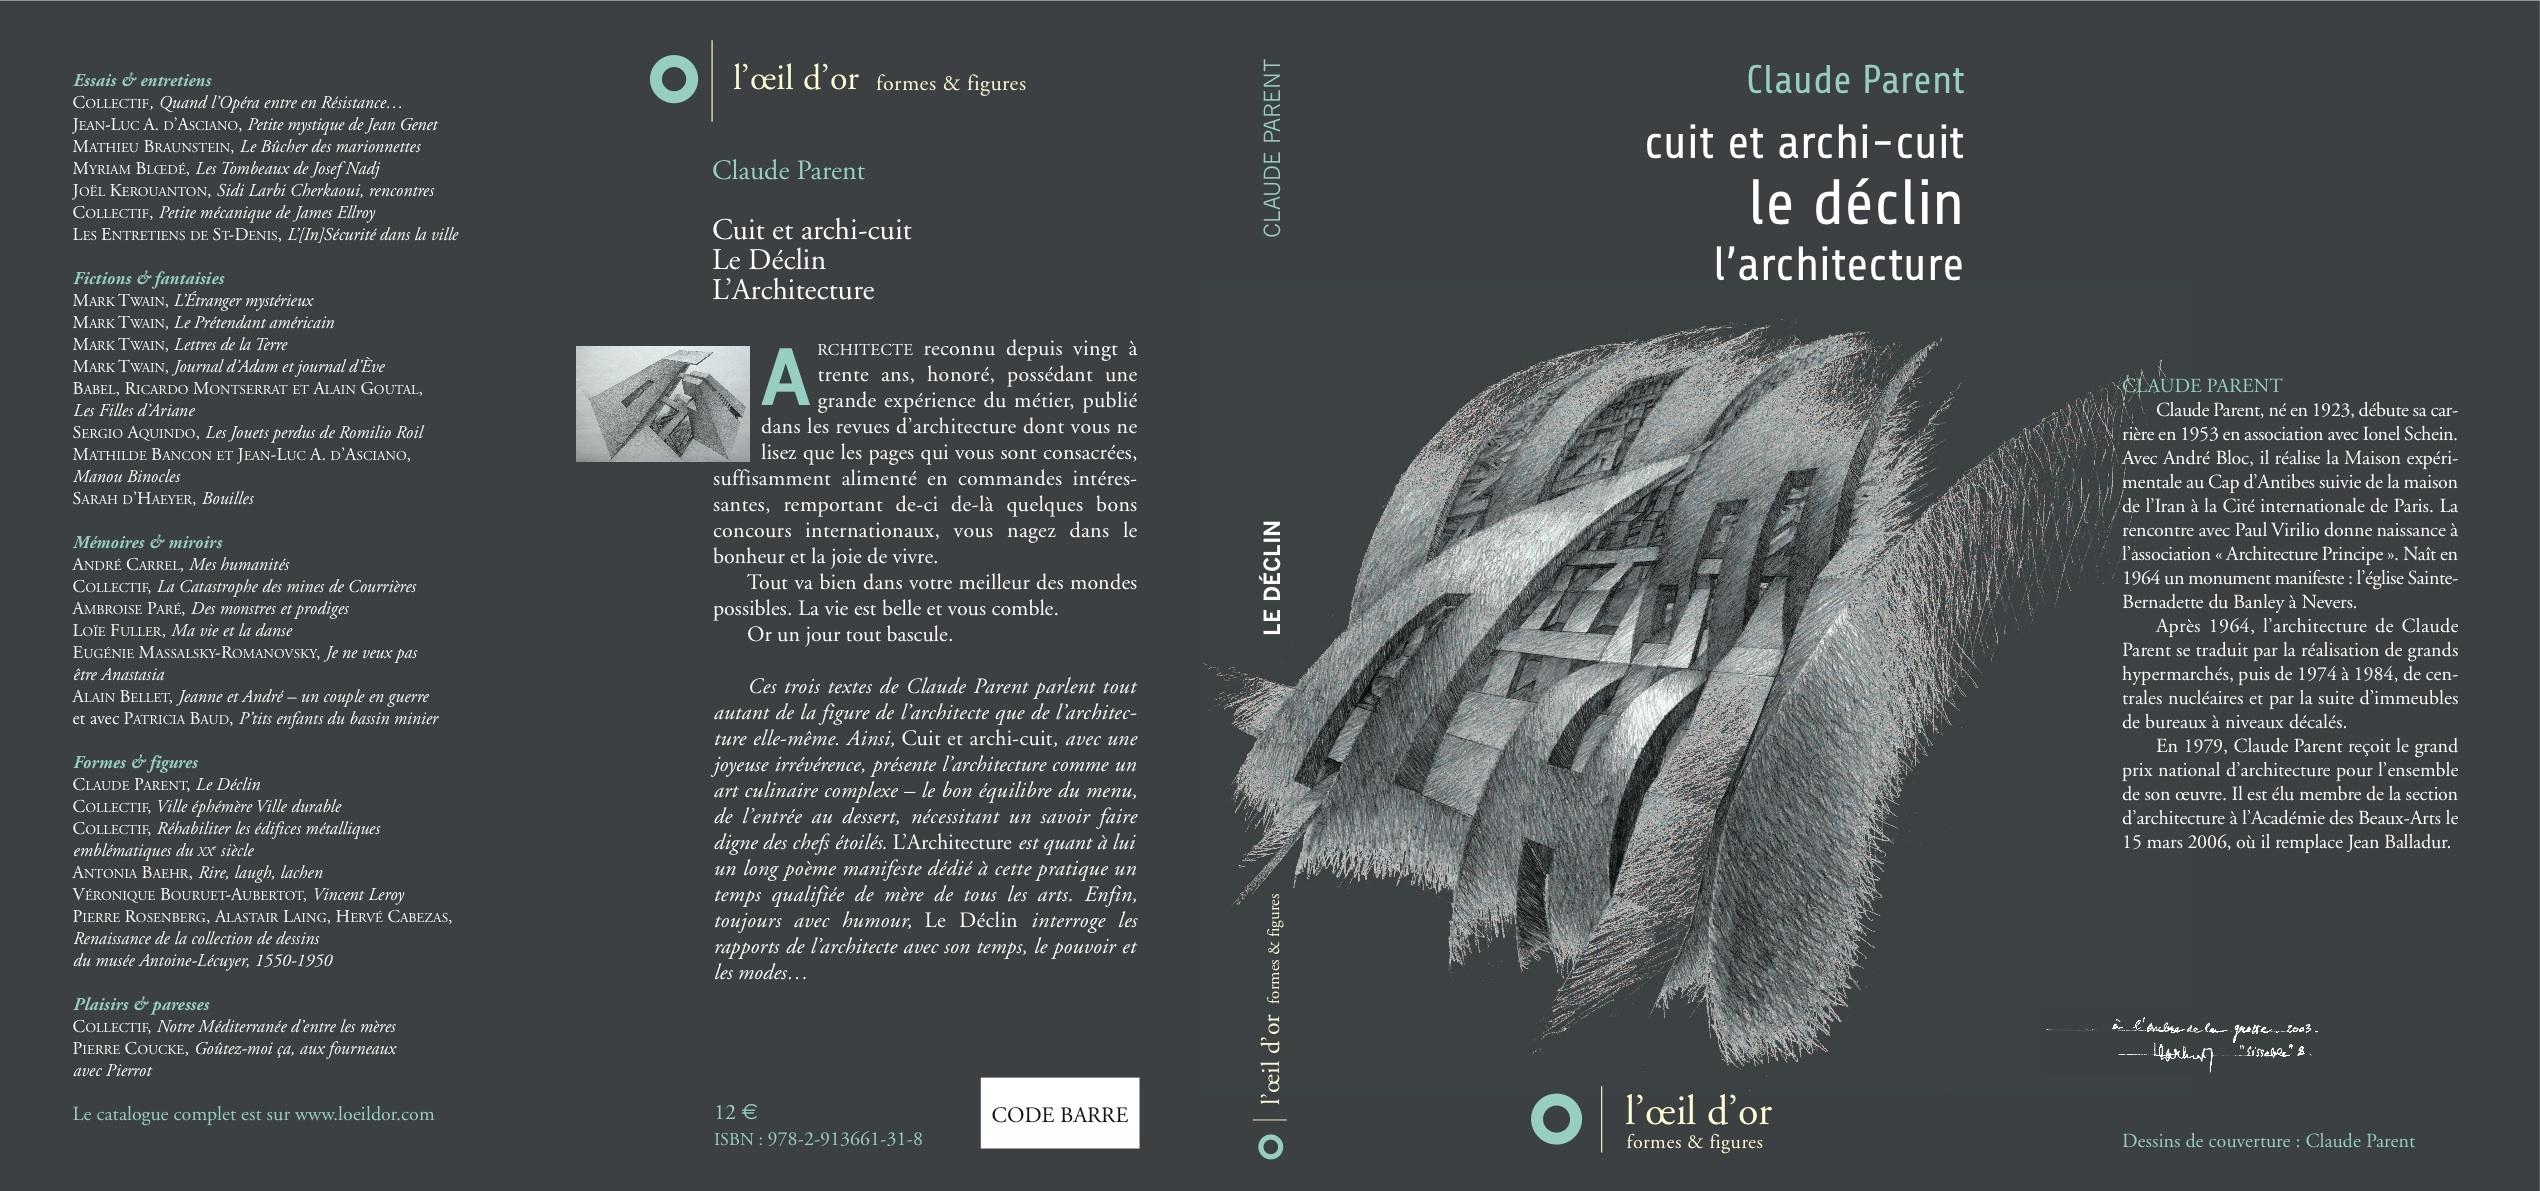 LE DECLIN-CUIT ET ARCHICUIT-L'ARCHITECTURE